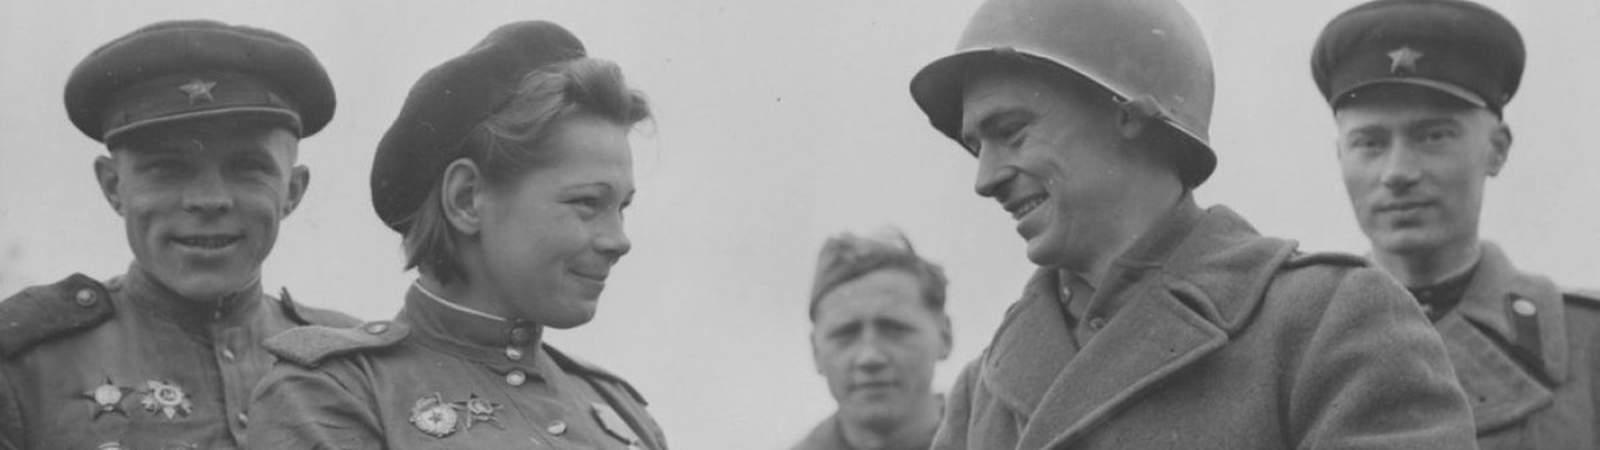 Девушки среди солдат